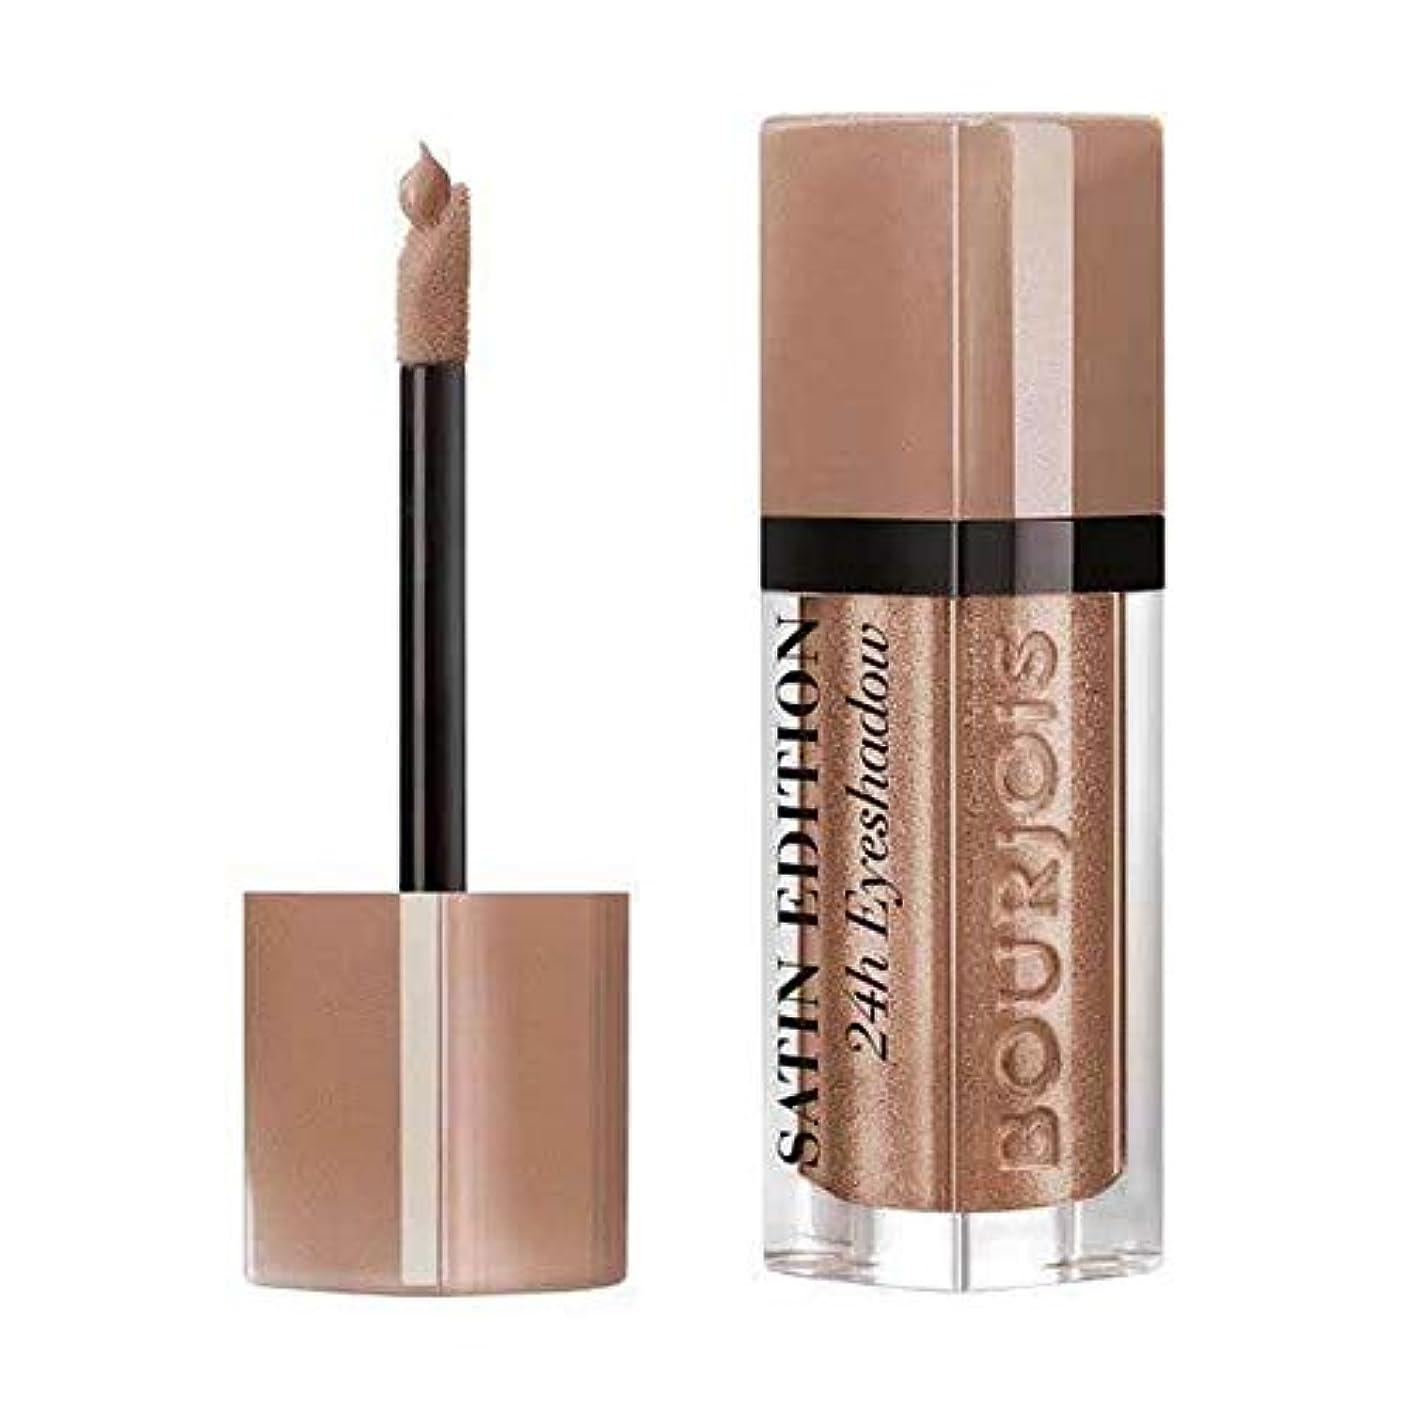 オーストラリア人モジュール最初[Bourjois ] 液体アイシャドウAbracada'Brown 24時間ブルジョワサテン版 - Bourjois Satin Edition 24HR Liquid Eyeshadow Abracada'brown...